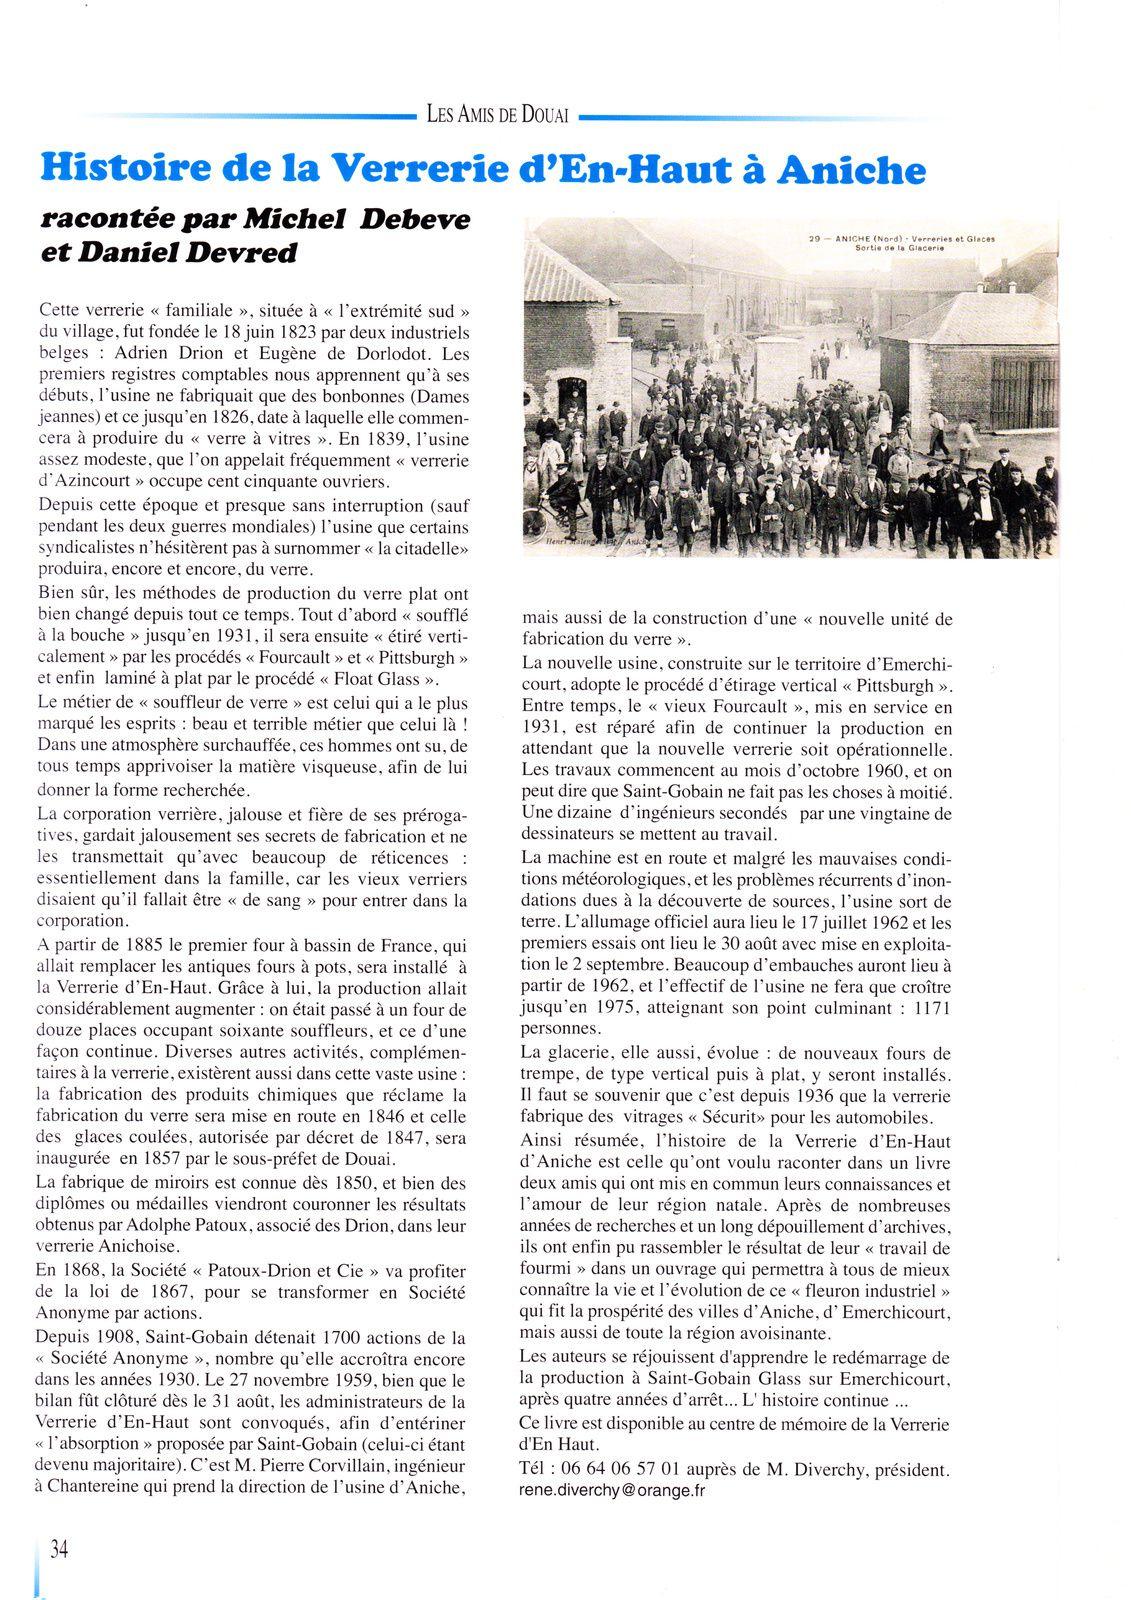 Livre : Histoire de la Verrerie d'en Haut.. Nous avons reçu  les 100 exemplaires supplémentaires